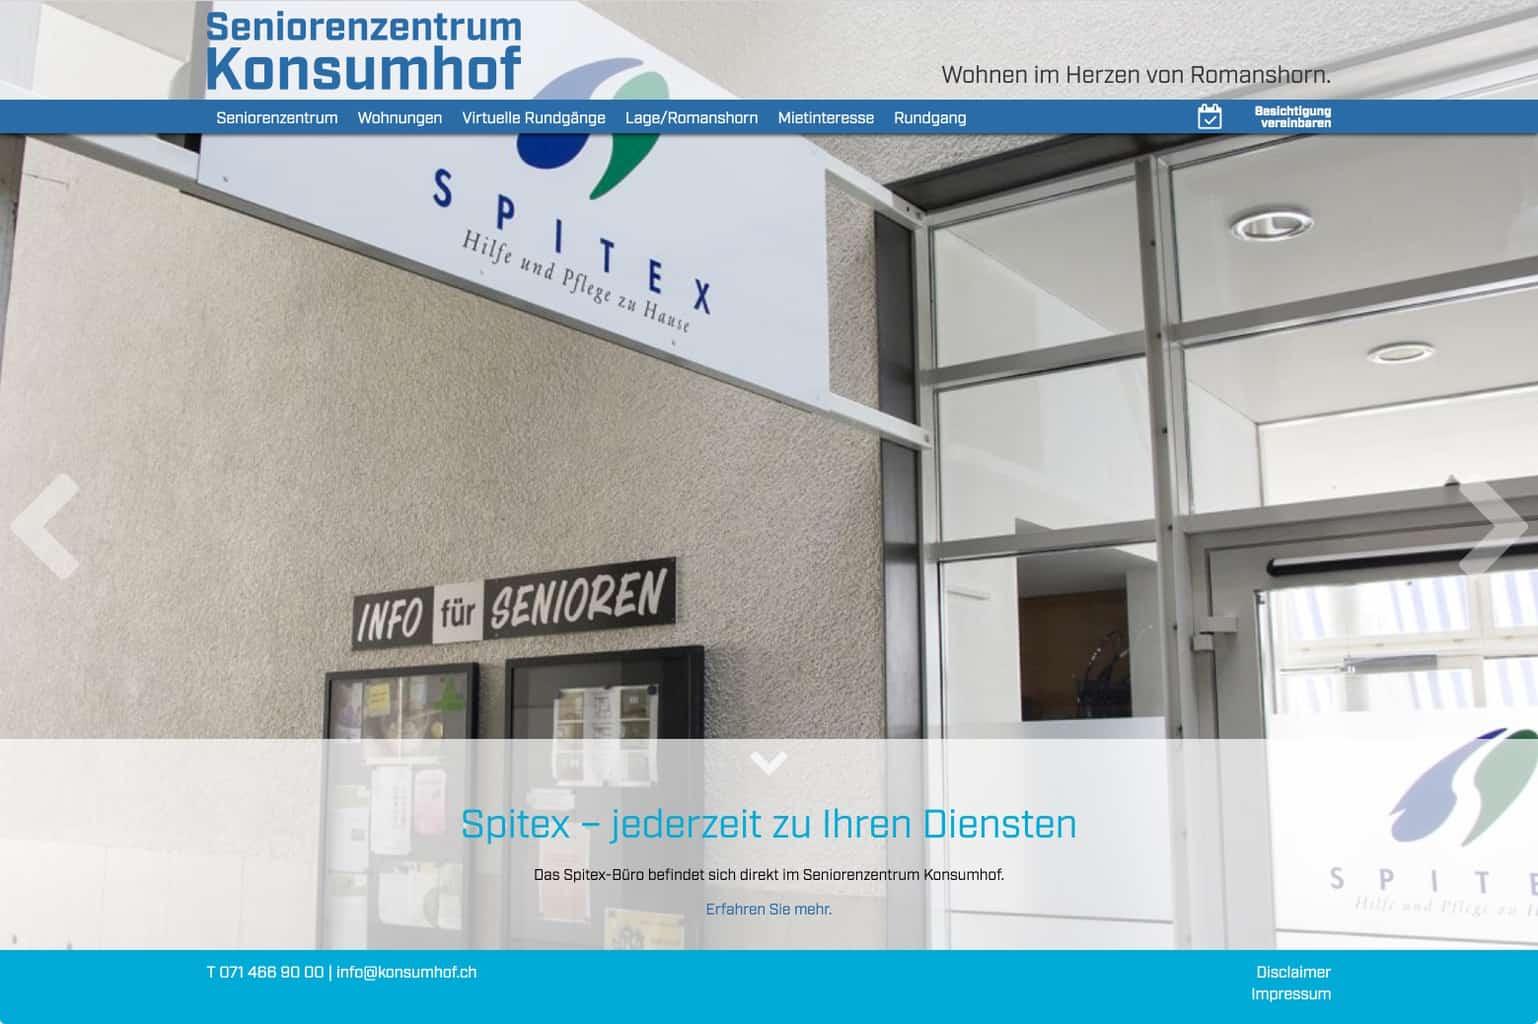 Spitex im Seniorenzentrum Konsumhof